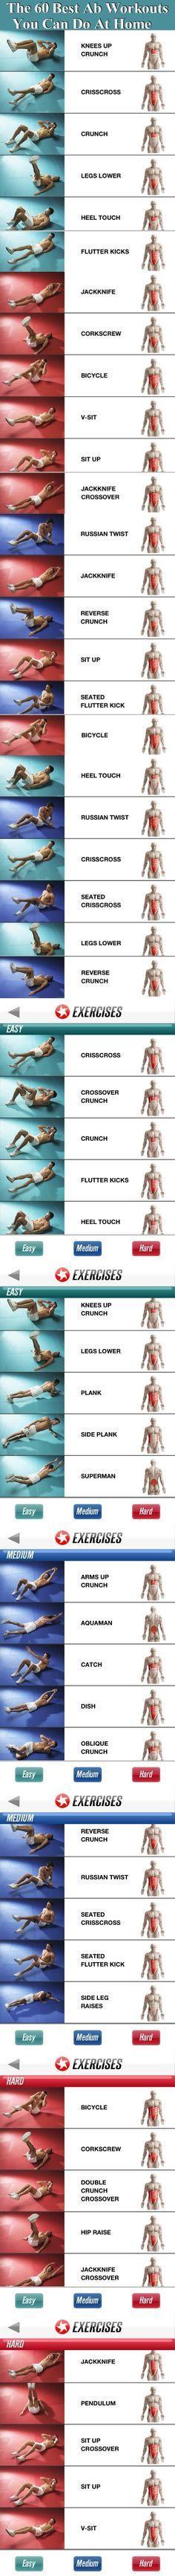 Los mejores ejercicios de abdominales que puedes hacer en casa. #abs #workout #hiit